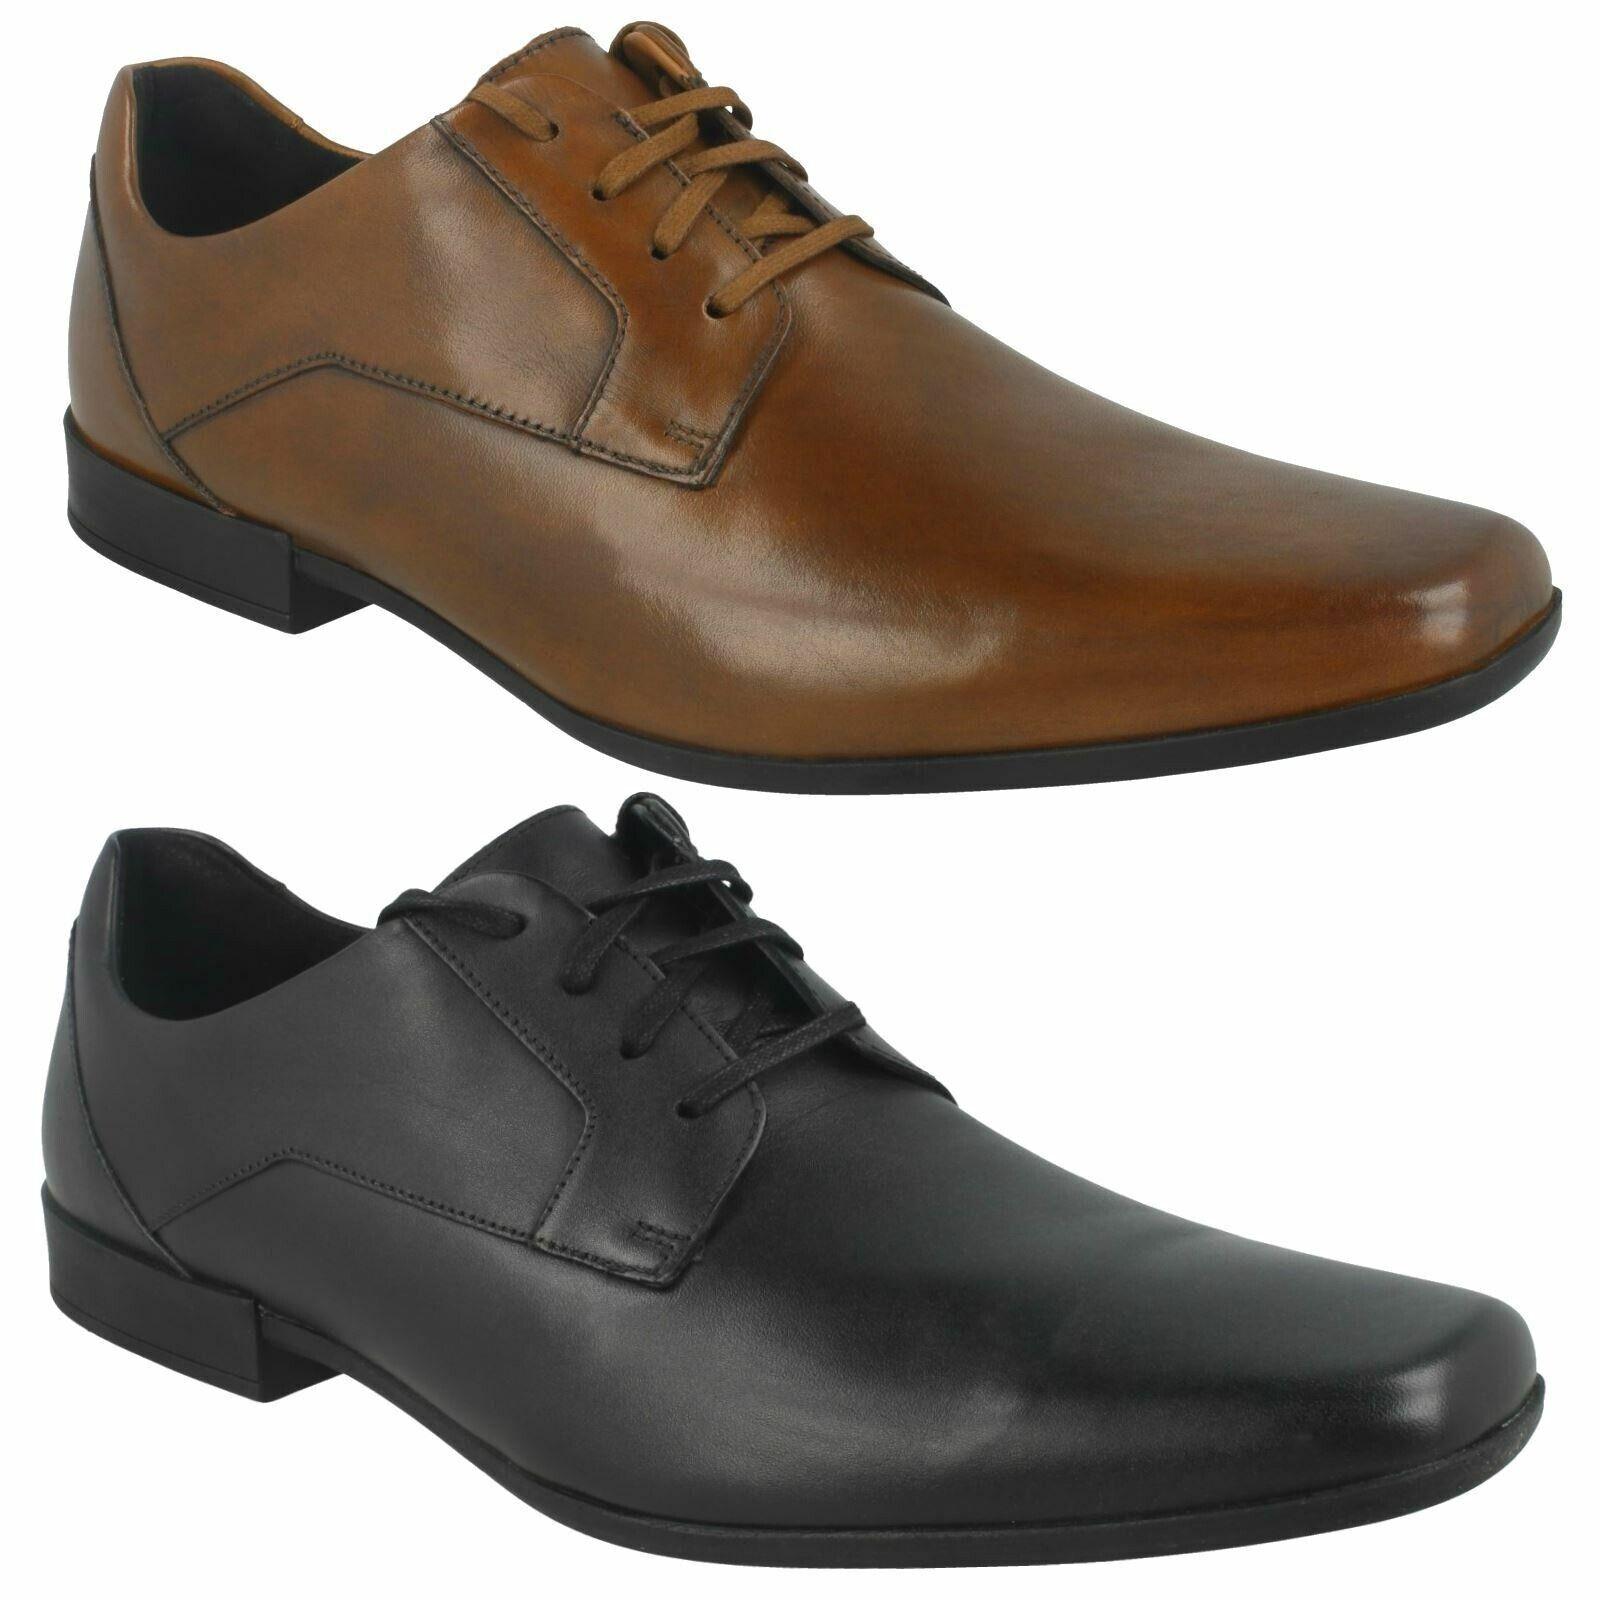 Glement Spitze Herren Clarks Schnürer Leder Elegante Office Änlässe Schuhe Größe